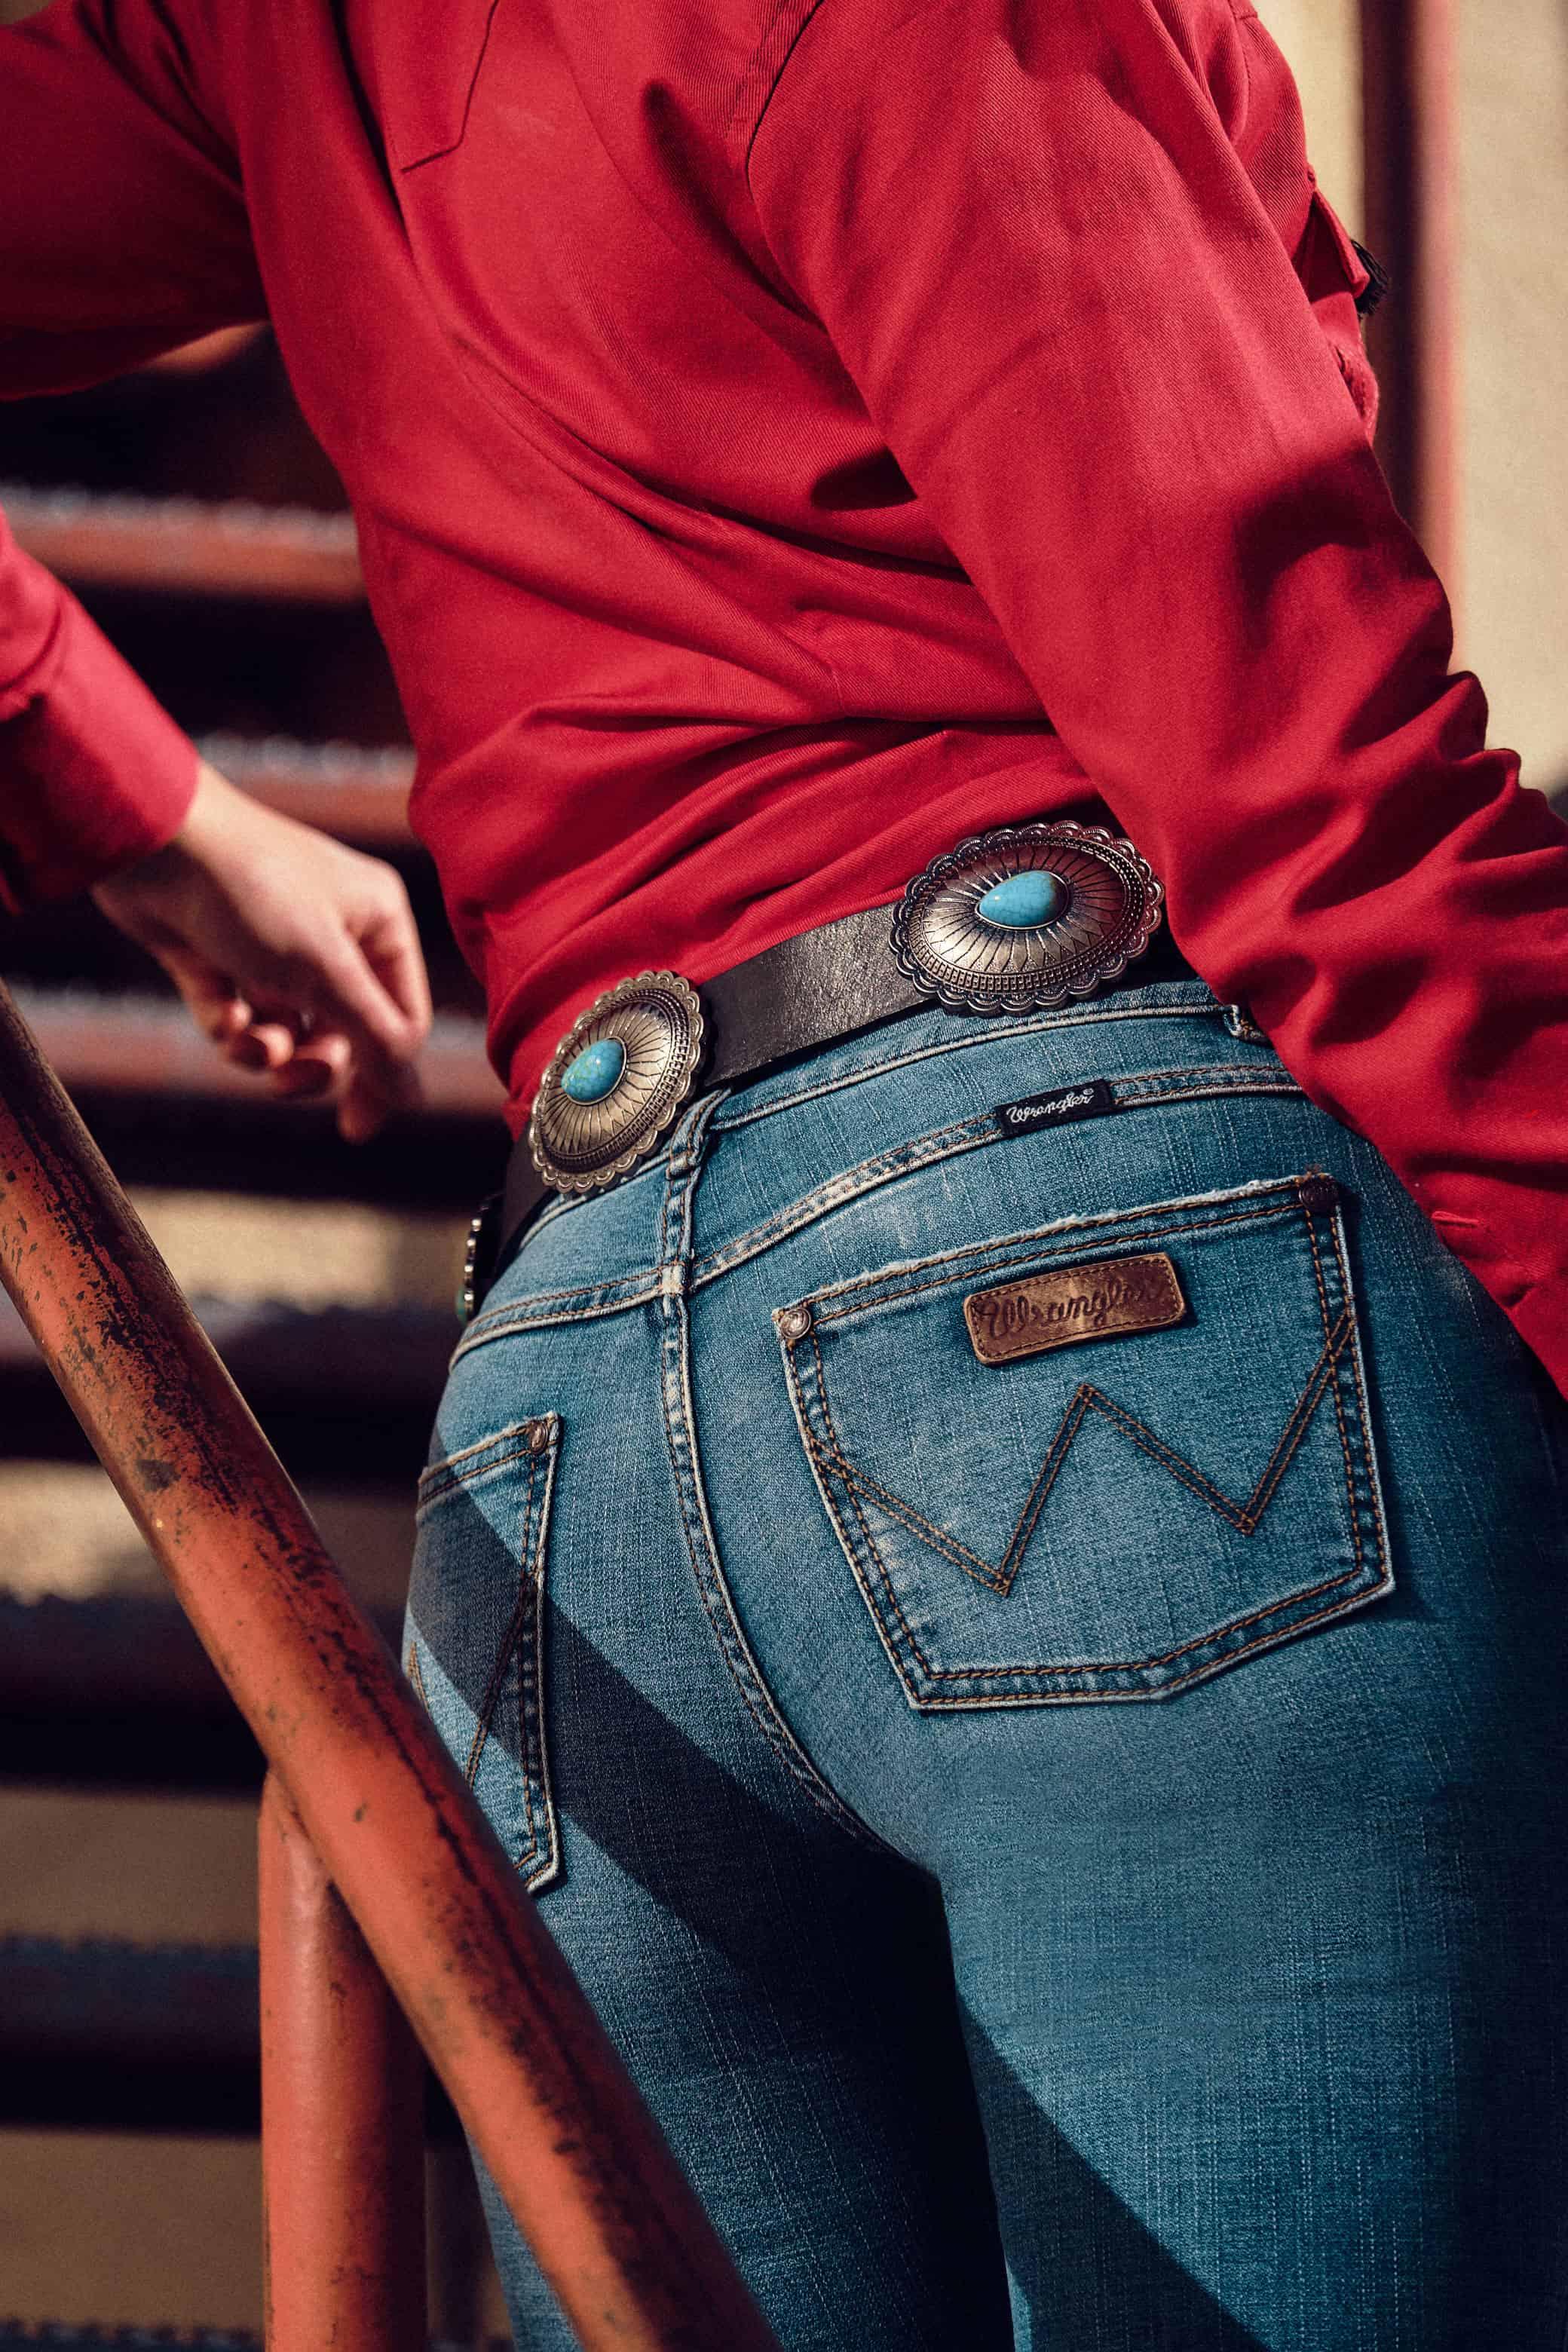 wrangler fashion with the retro jean